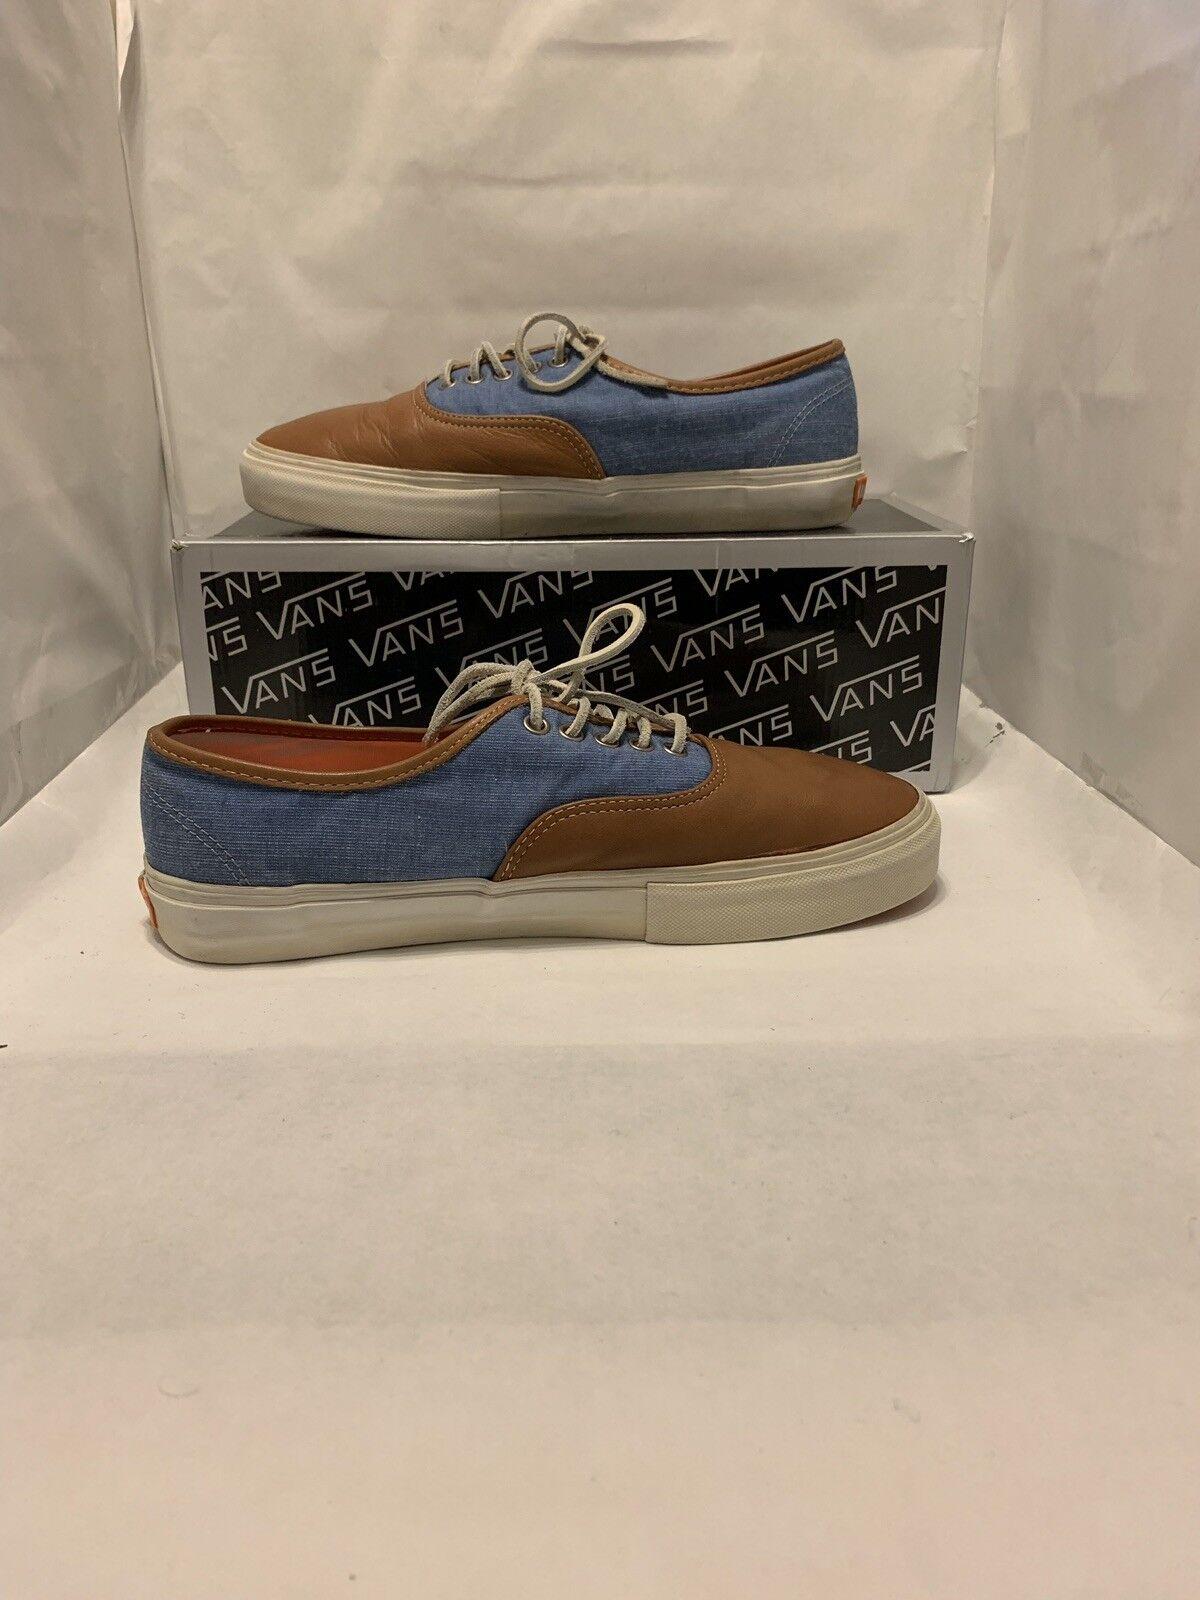 Vans Vault Authentic LX x Kicks HI (Kicks Hawaii) Brown bluee Size 10 Used